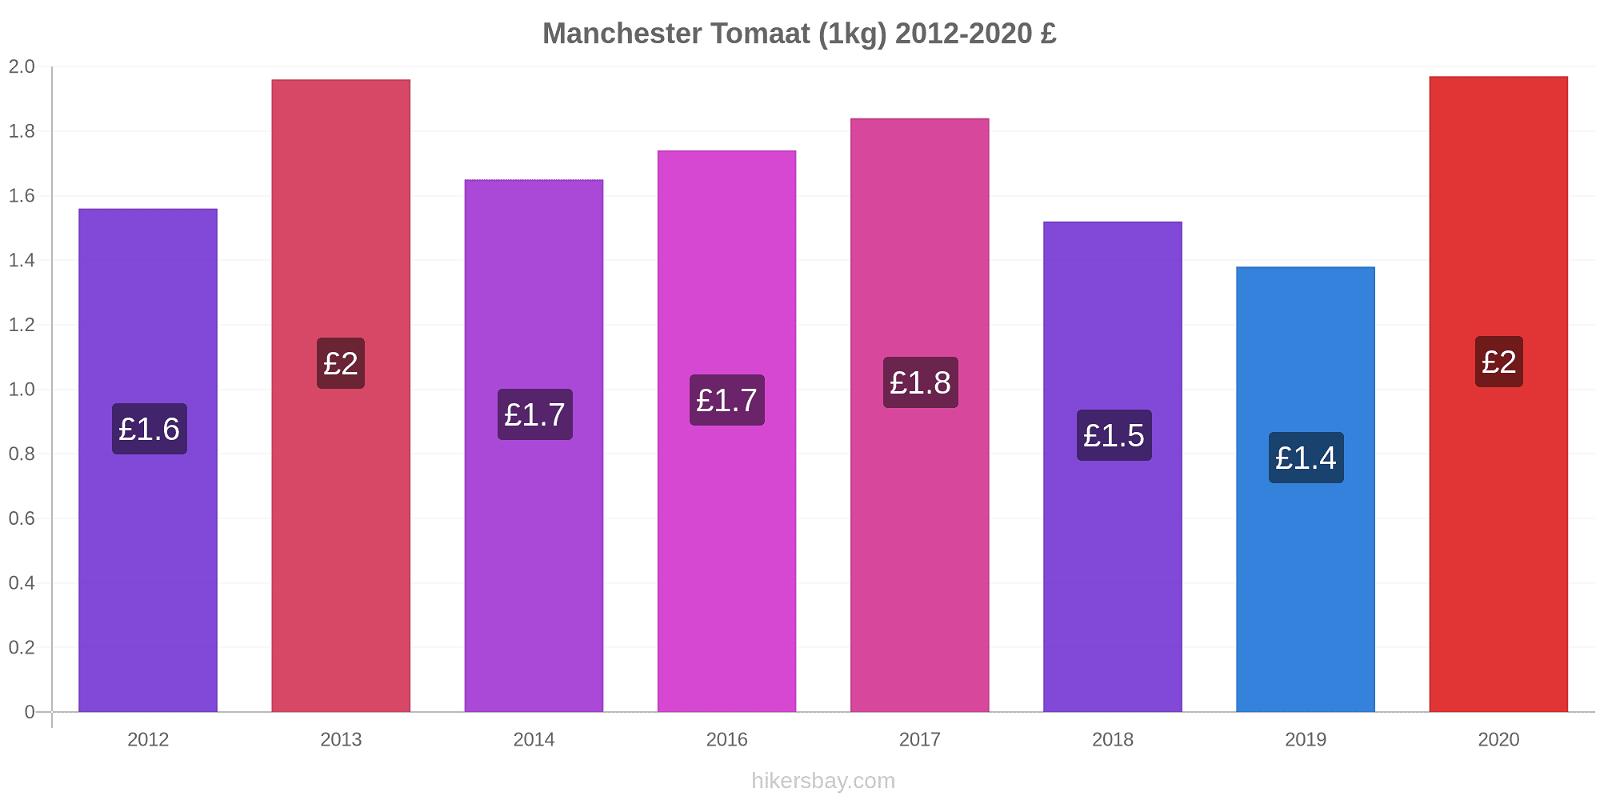 Manchester prijswijzigingen Tomaat (1kg) hikersbay.com